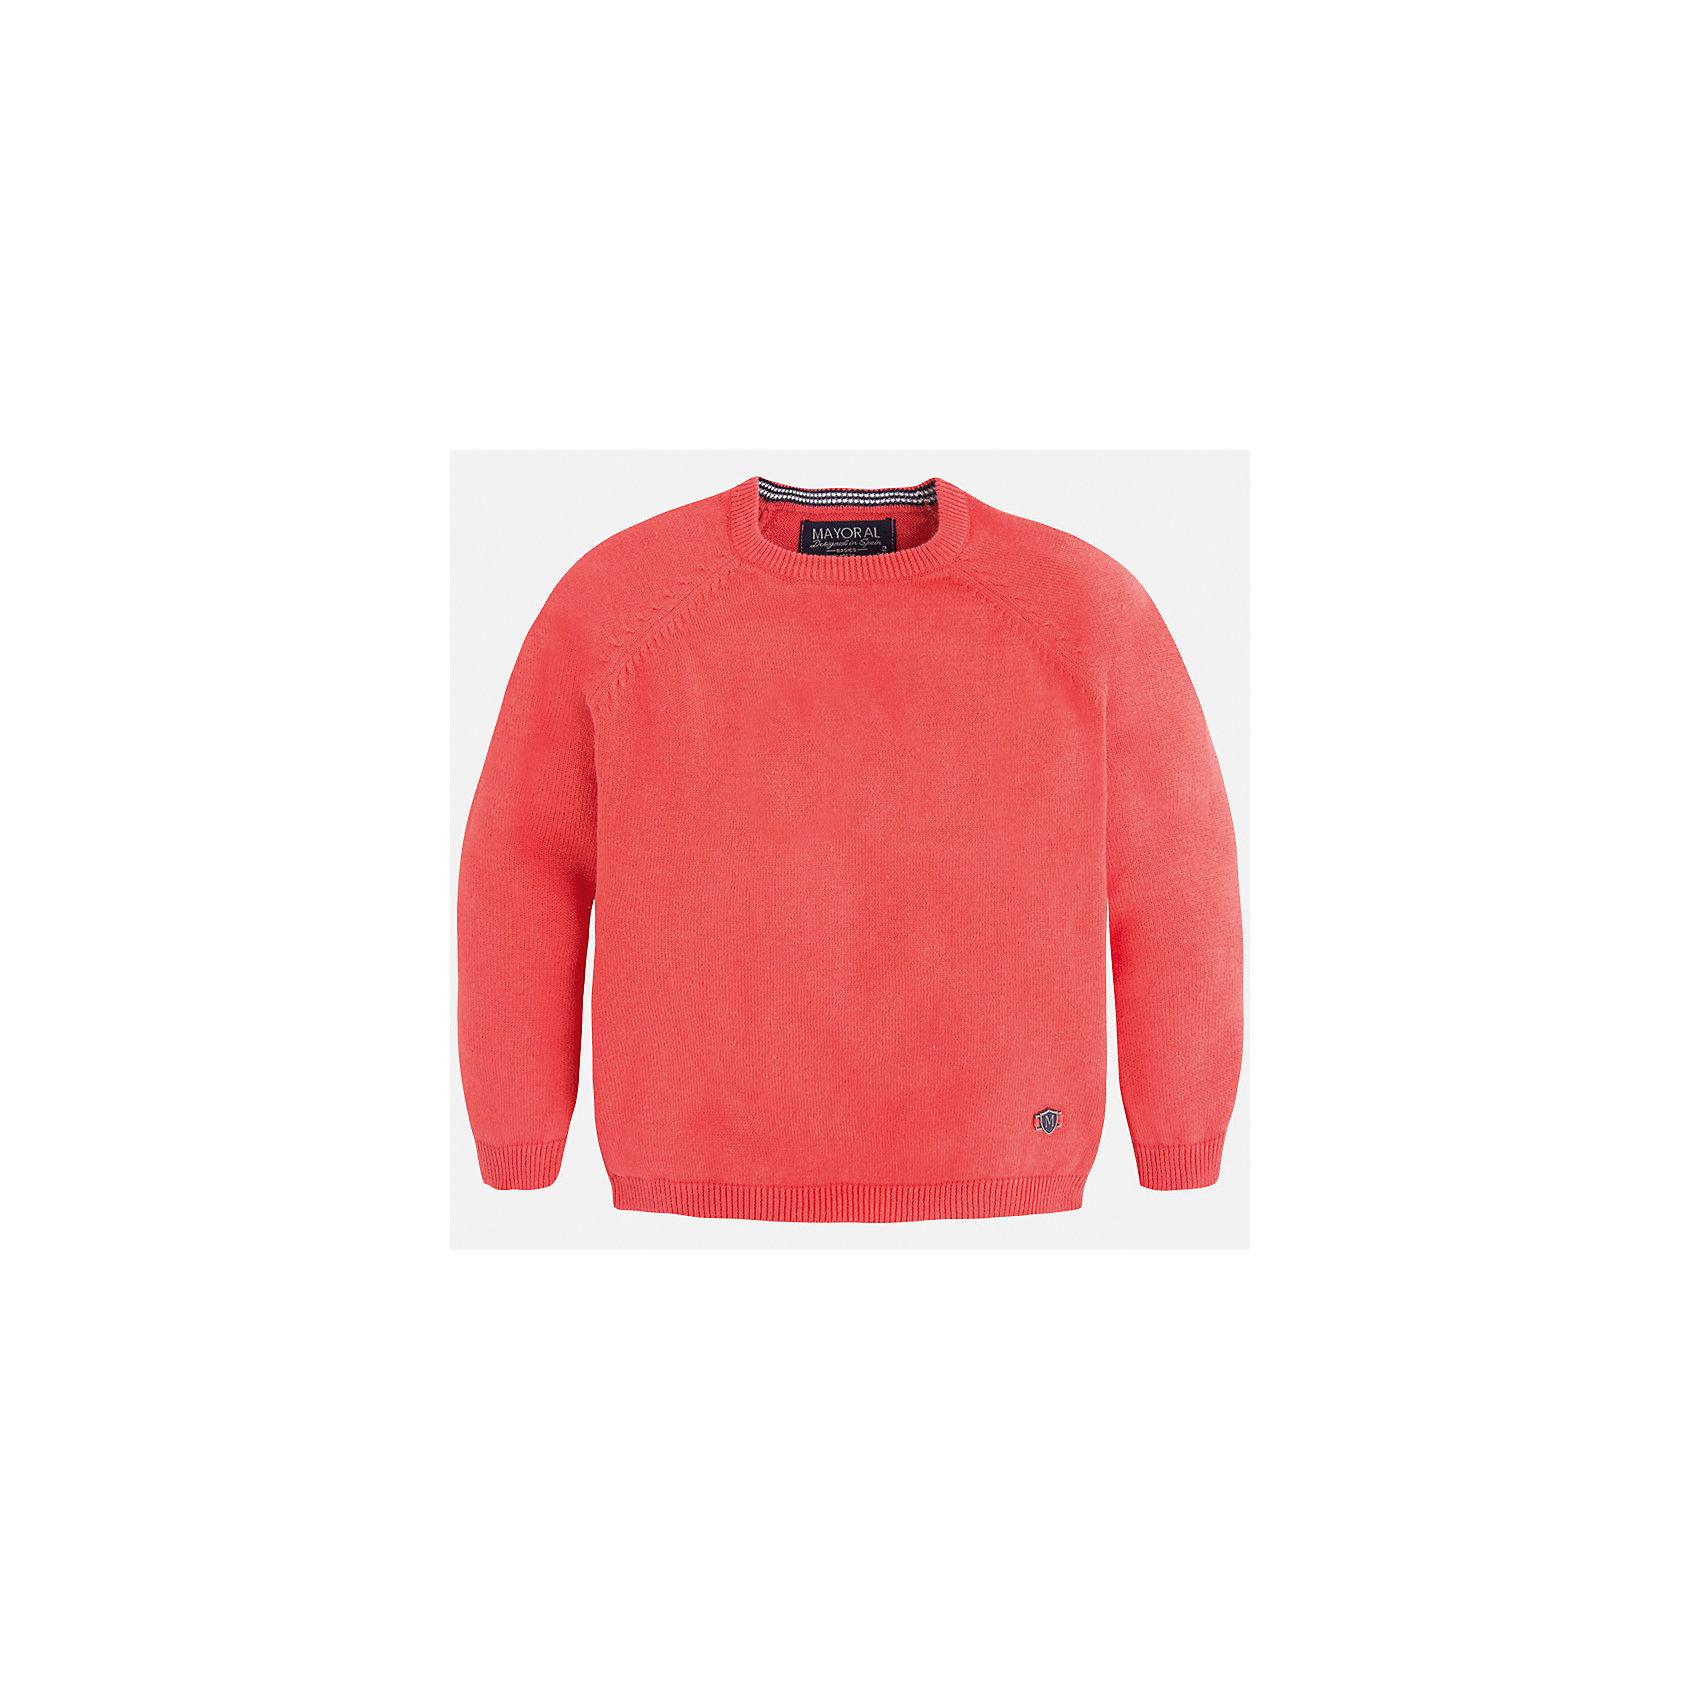 Свитер для мальчика MayoralСвитера и кардиганы<br>Характеристики товара:<br><br>• цвет: розовый<br>• состав: 60% хлопок, 30% полиэстер, 10% шерсть<br>• рукава длинные <br>• вышивка на груди<br>• округлая горловина<br>• манжеты<br>• страна бренда: Испания<br><br>Удобный и красивый свитер для мальчика поможет разнообразить гардероб ребенка и обеспечить тепло. Он отлично сочетается и с джинсами, и с брюками. Универсальный цвет позволяет подобрать к вещи низ различных расцветок. Интересная отделка модели делает её нарядной и оригинальной. В составе материала - натуральный хлопок, гипоаллергенный, приятный на ощупь, дышащий.<br><br>Одежда, обувь и аксессуары от испанского бренда Mayoral полюбились детям и взрослым по всему миру. Модели этой марки - стильные и удобные. Для их производства используются только безопасные, качественные материалы и фурнитура. Порадуйте ребенка модными и красивыми вещами от Mayoral! <br><br>Свитер для мальчика от испанского бренда Mayoral (Майорал) можно купить в нашем интернет-магазине.<br><br>Ширина мм: 190<br>Глубина мм: 74<br>Высота мм: 229<br>Вес г: 236<br>Цвет: розовый<br>Возраст от месяцев: 60<br>Возраст до месяцев: 72<br>Пол: Мужской<br>Возраст: Детский<br>Размер: 116,104,134,98,92,110,122,128<br>SKU: 5277979